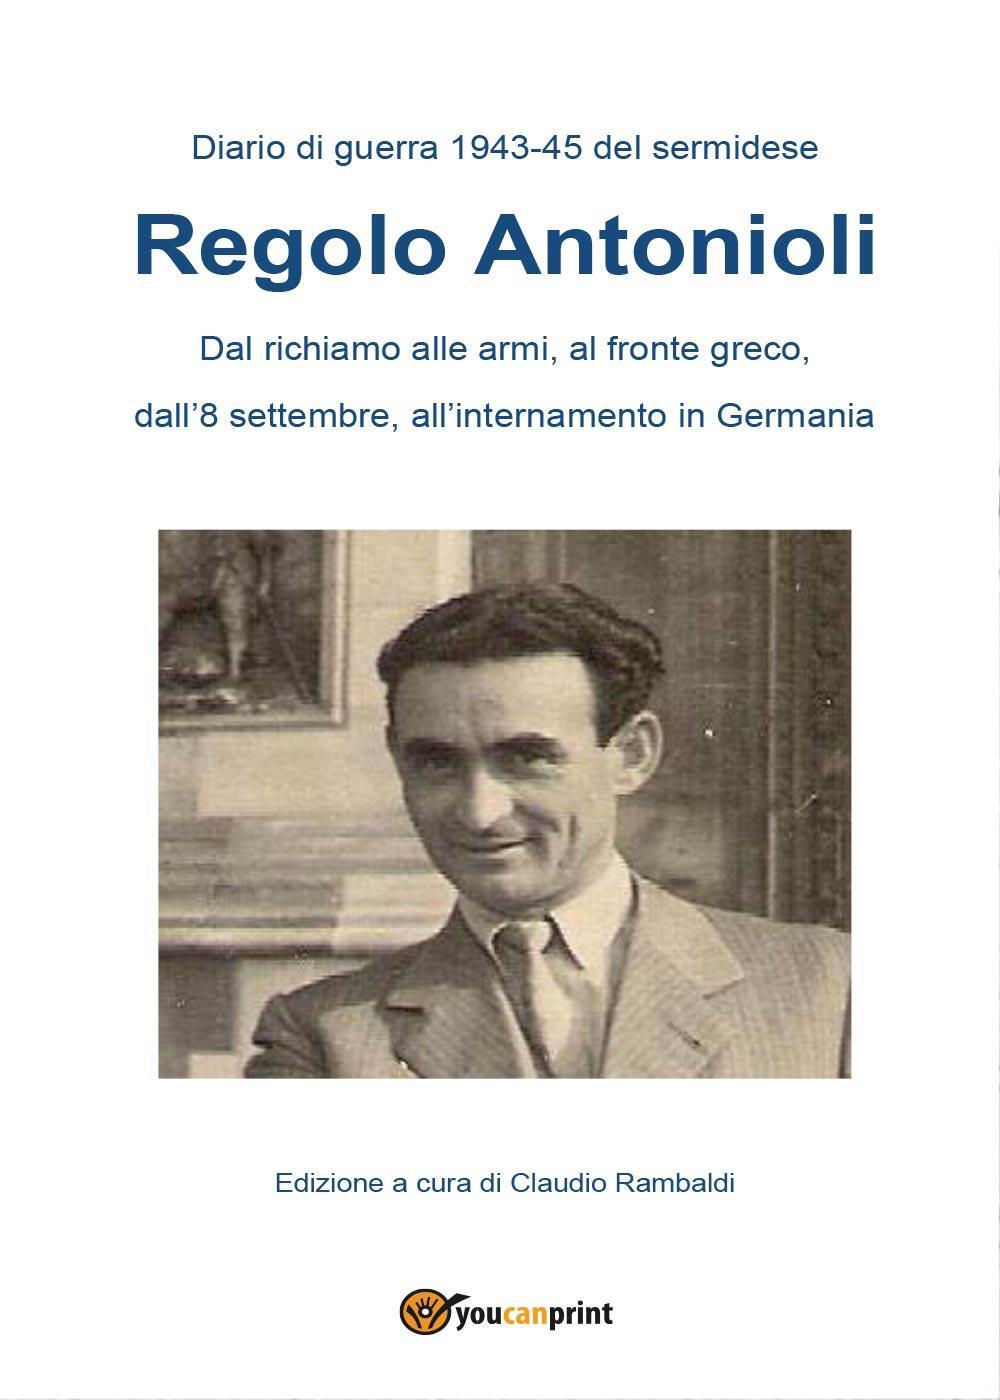 Diario di guerra 1943-45 del sermidese Regolo Antonioli